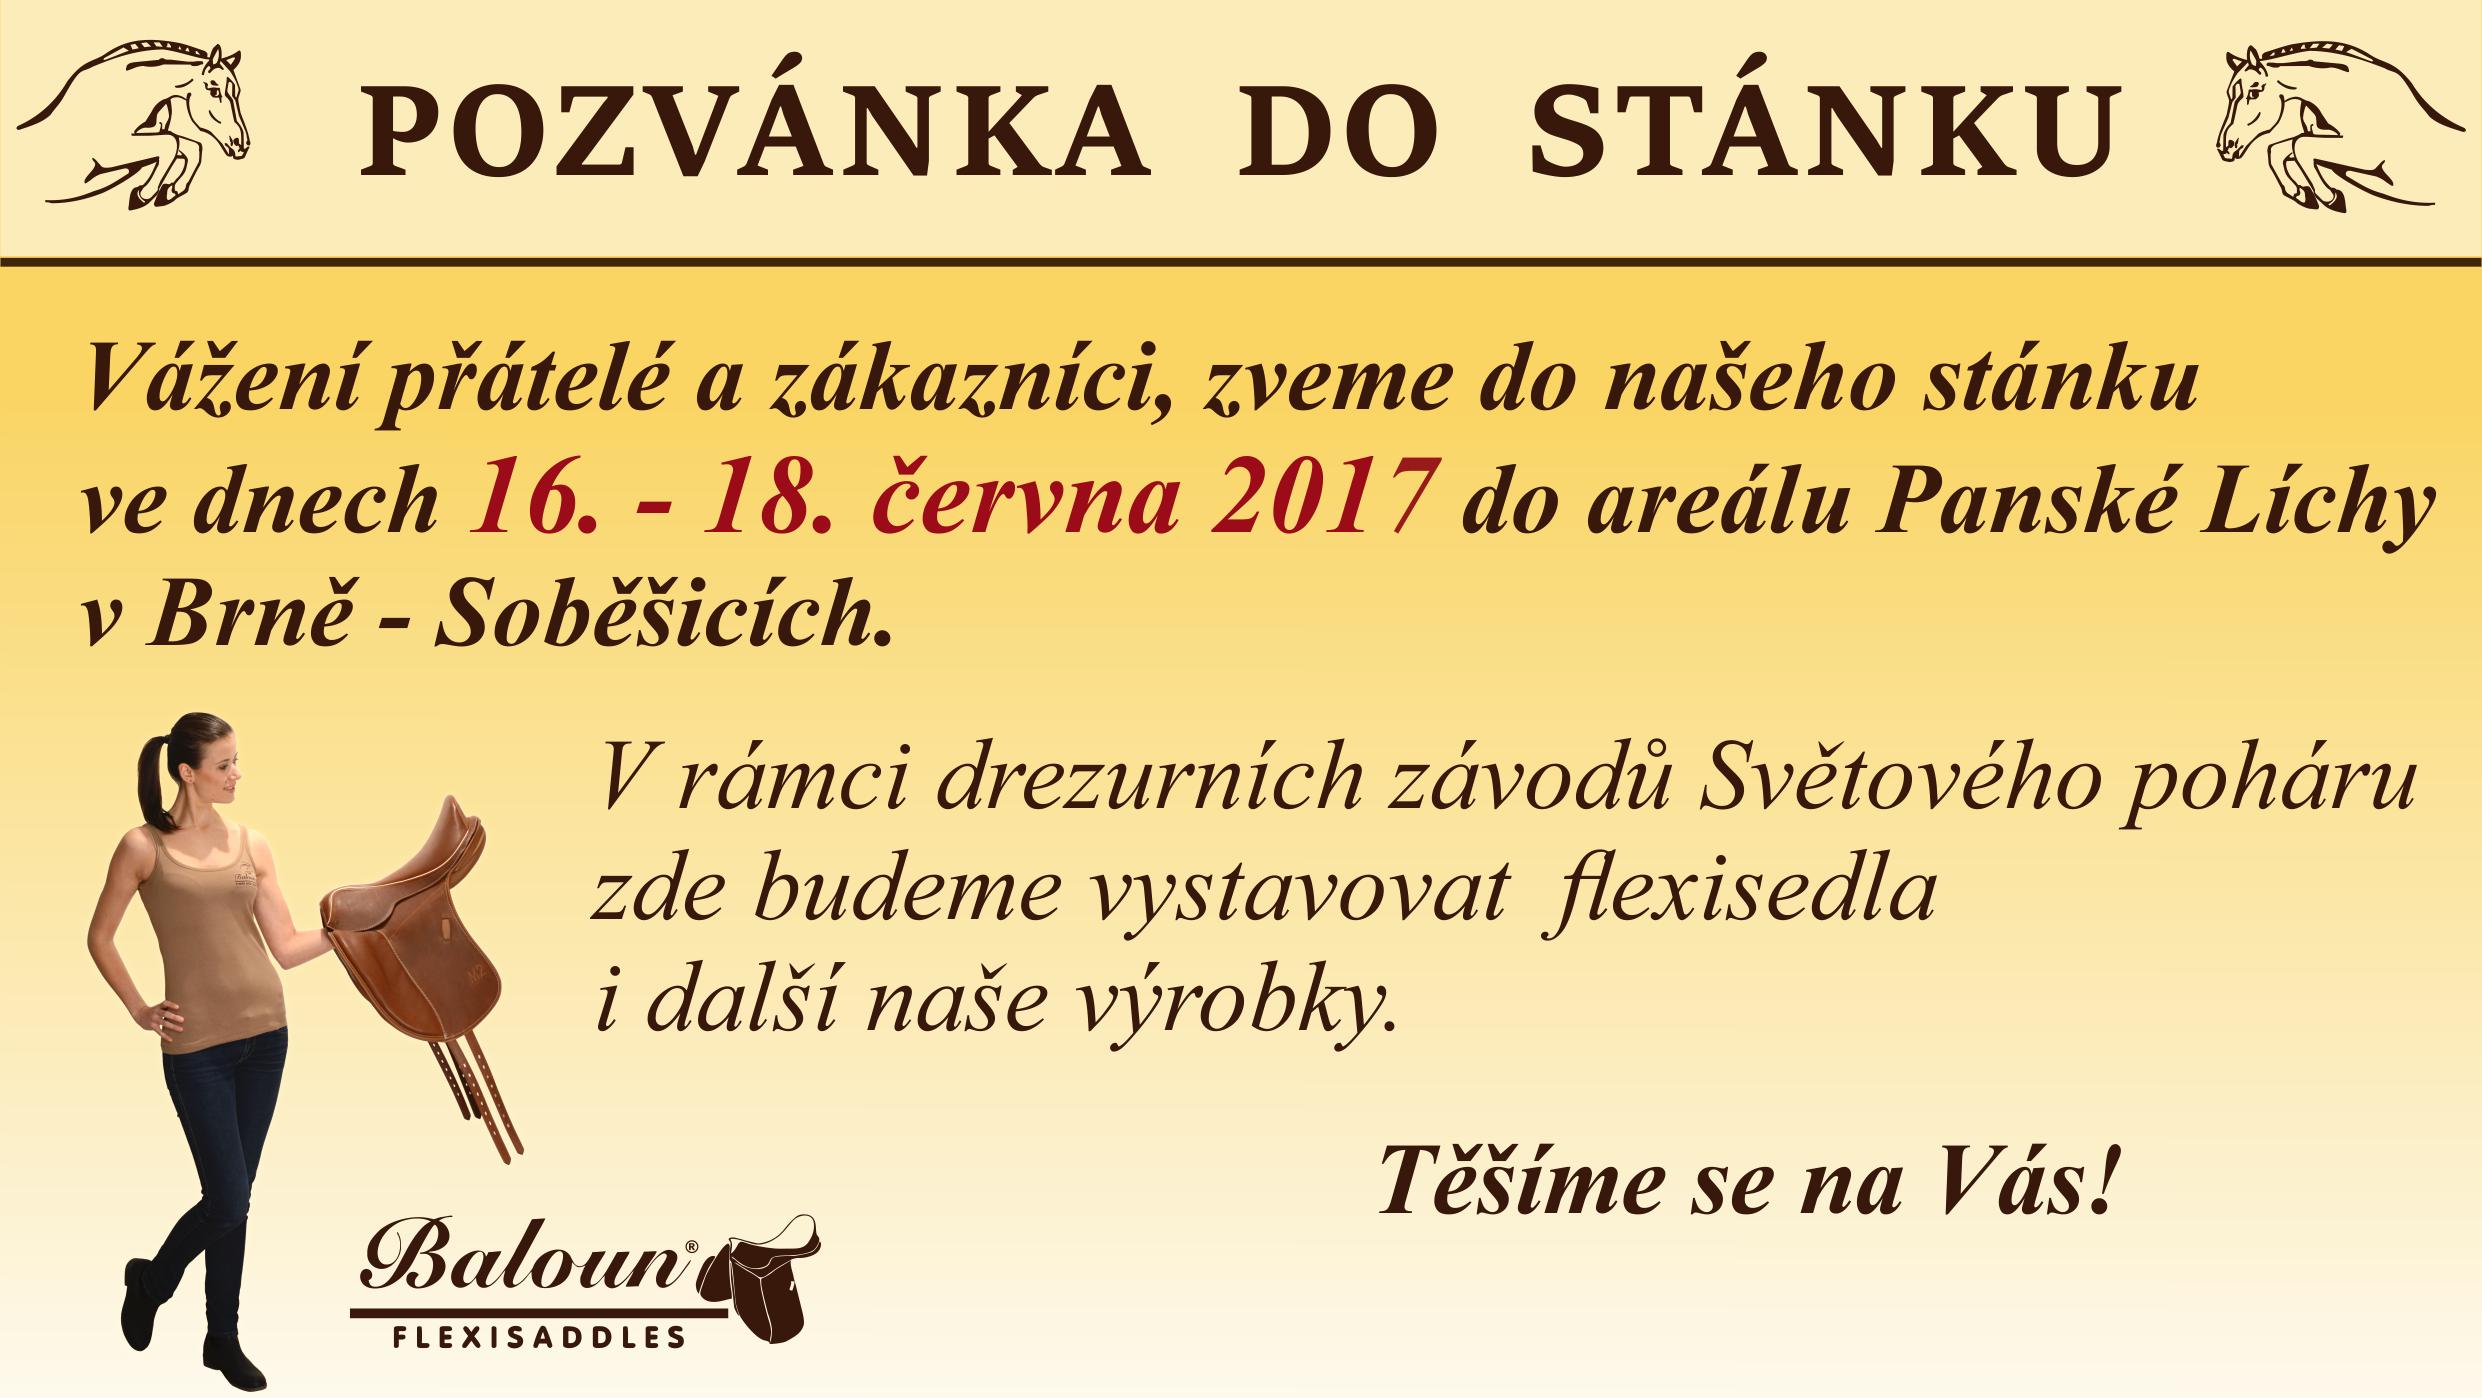 pozvanka do brna2017